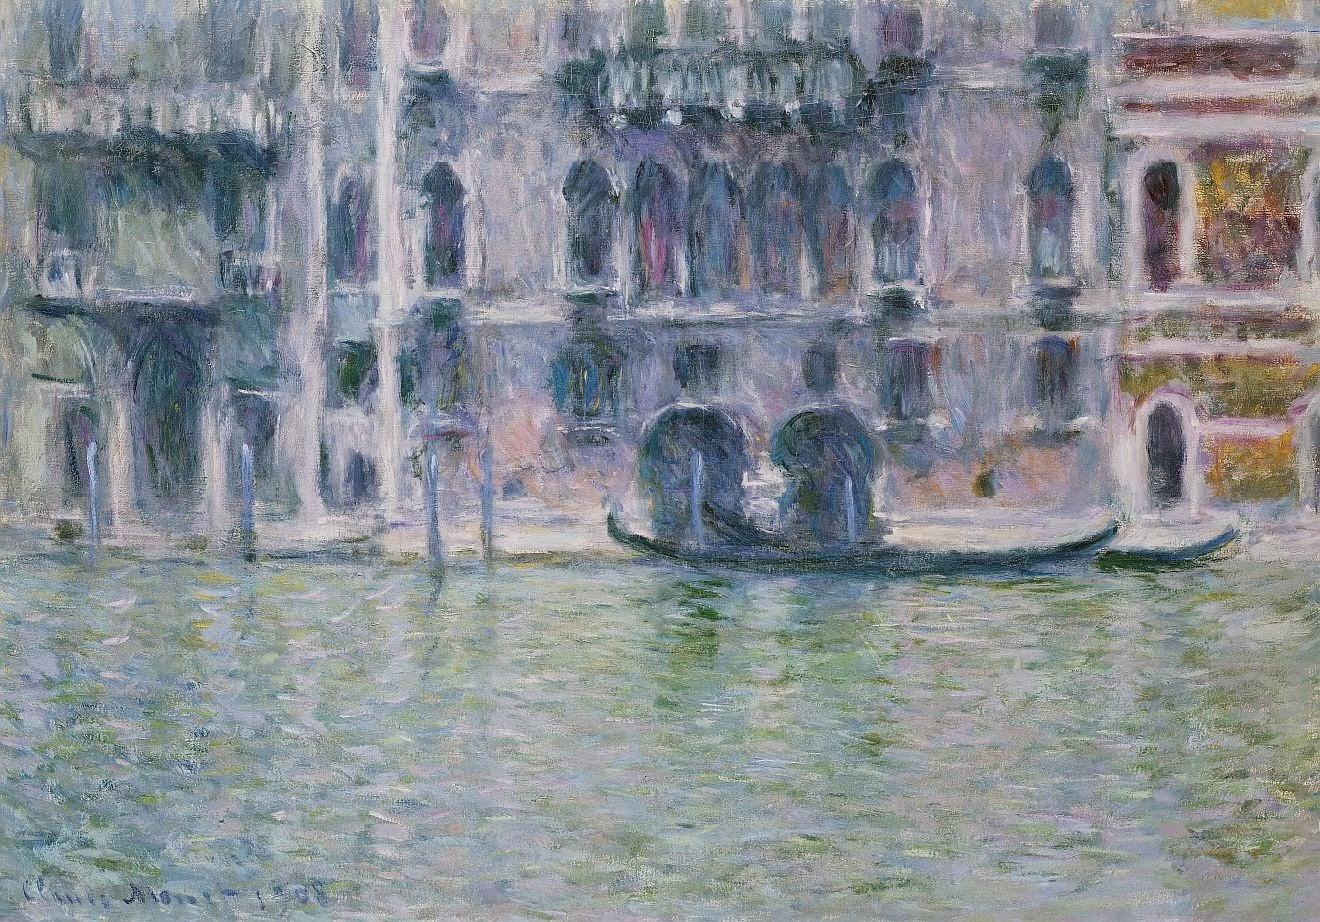 モネlog: ヴェネツィア(モネを魅了した「アドリア海の女王」) Ⅳ